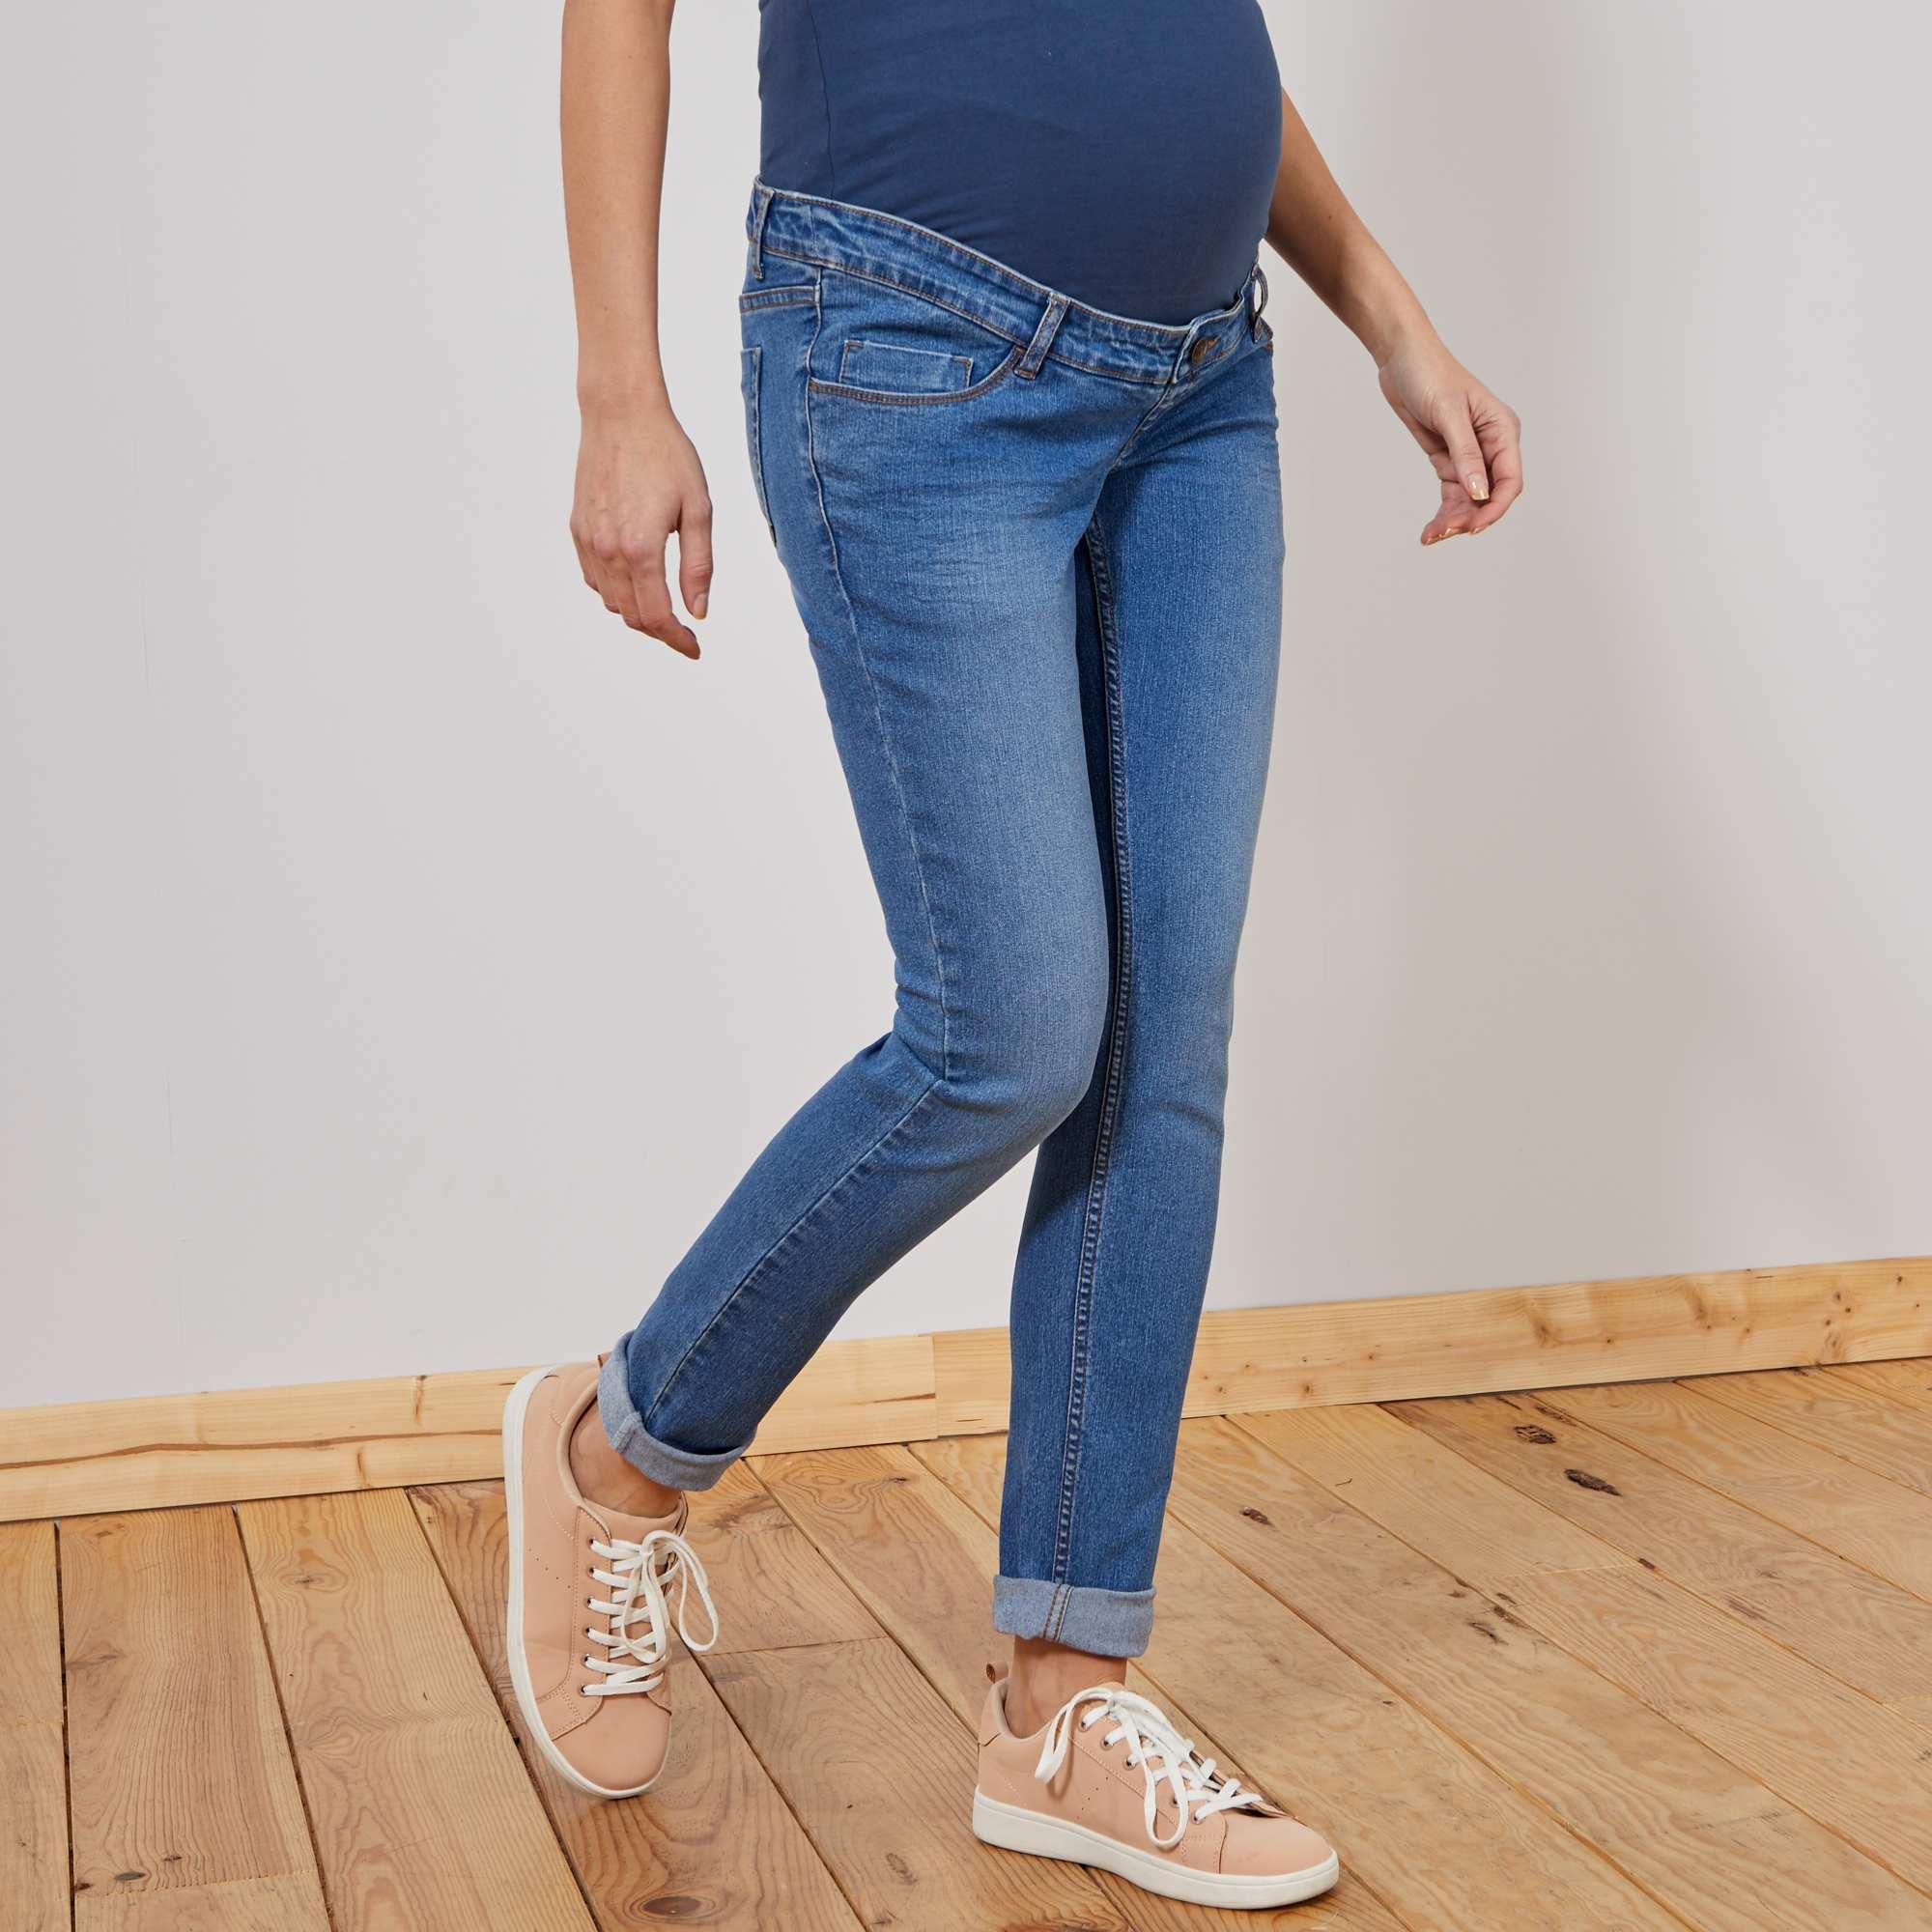 c16c9b55dd46 Donna   Premaman   Abbigliamento premaman   Jeans - Categorie prodotti